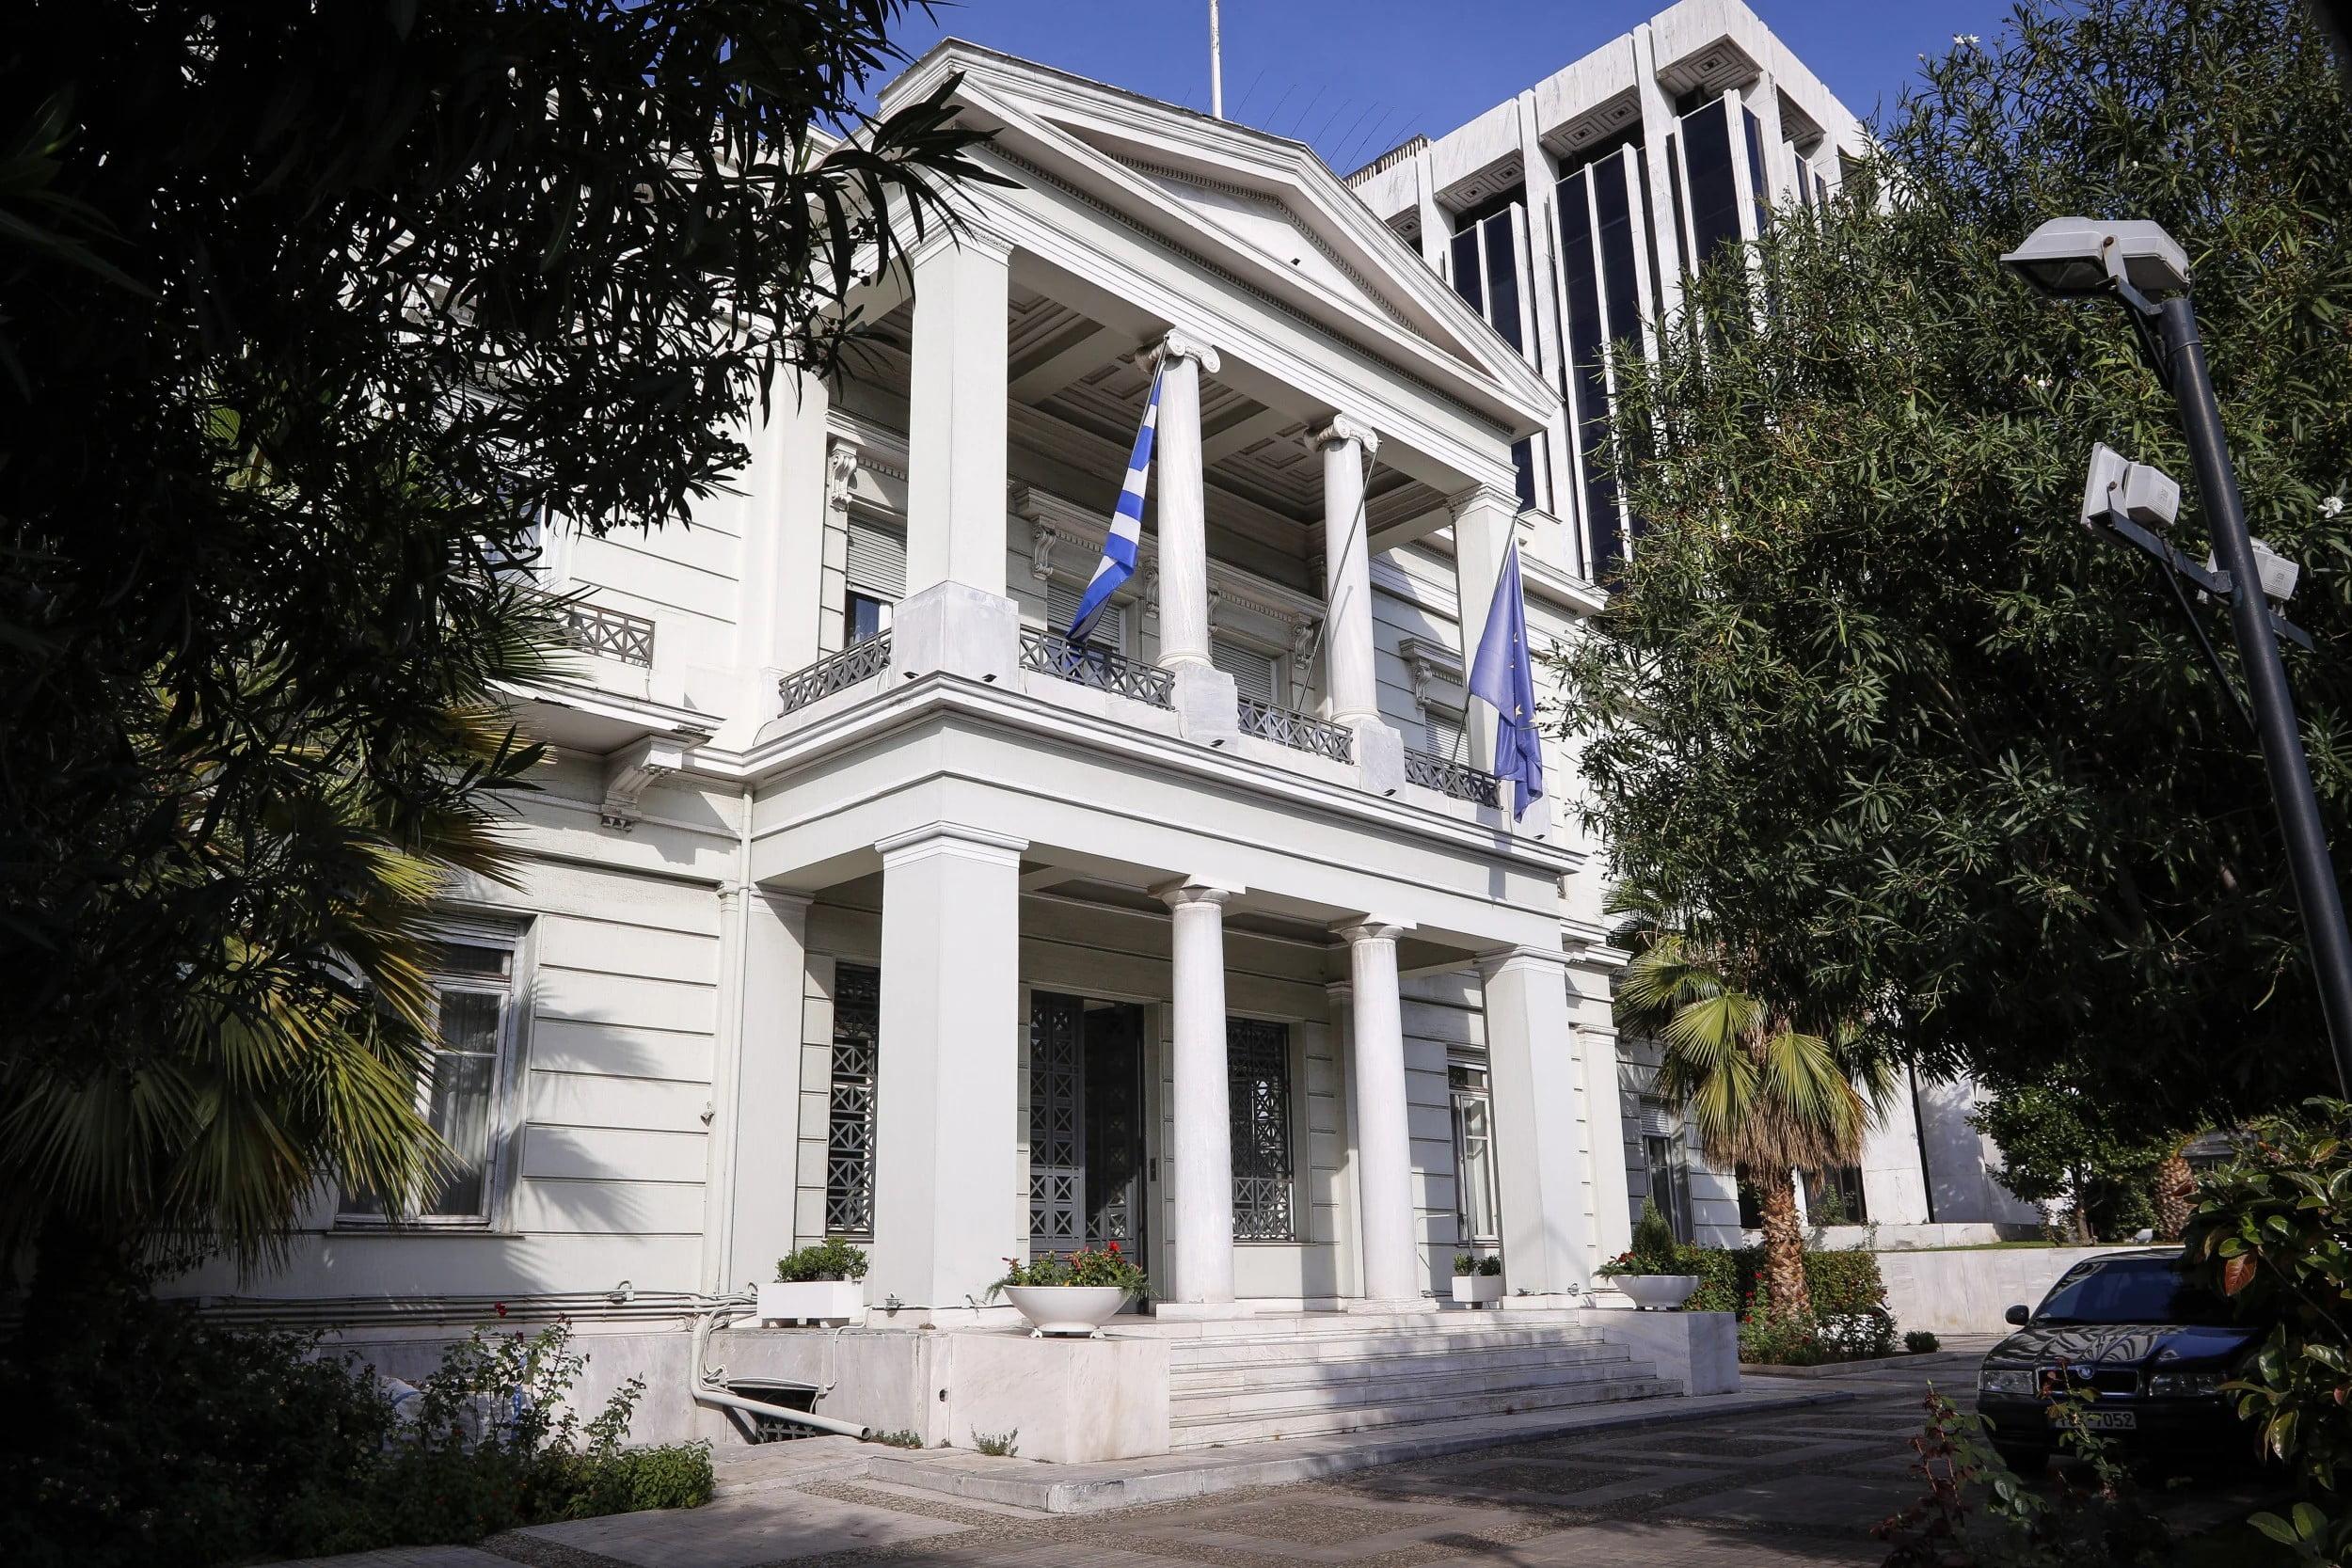 «Πέρασε» από την ιταλική γερουσία η συμφωνία Ελλάδας – Ιταλίας για την ΑΟΖ – Χαιρετίζει το ελληνικό ΥΠΕΞ